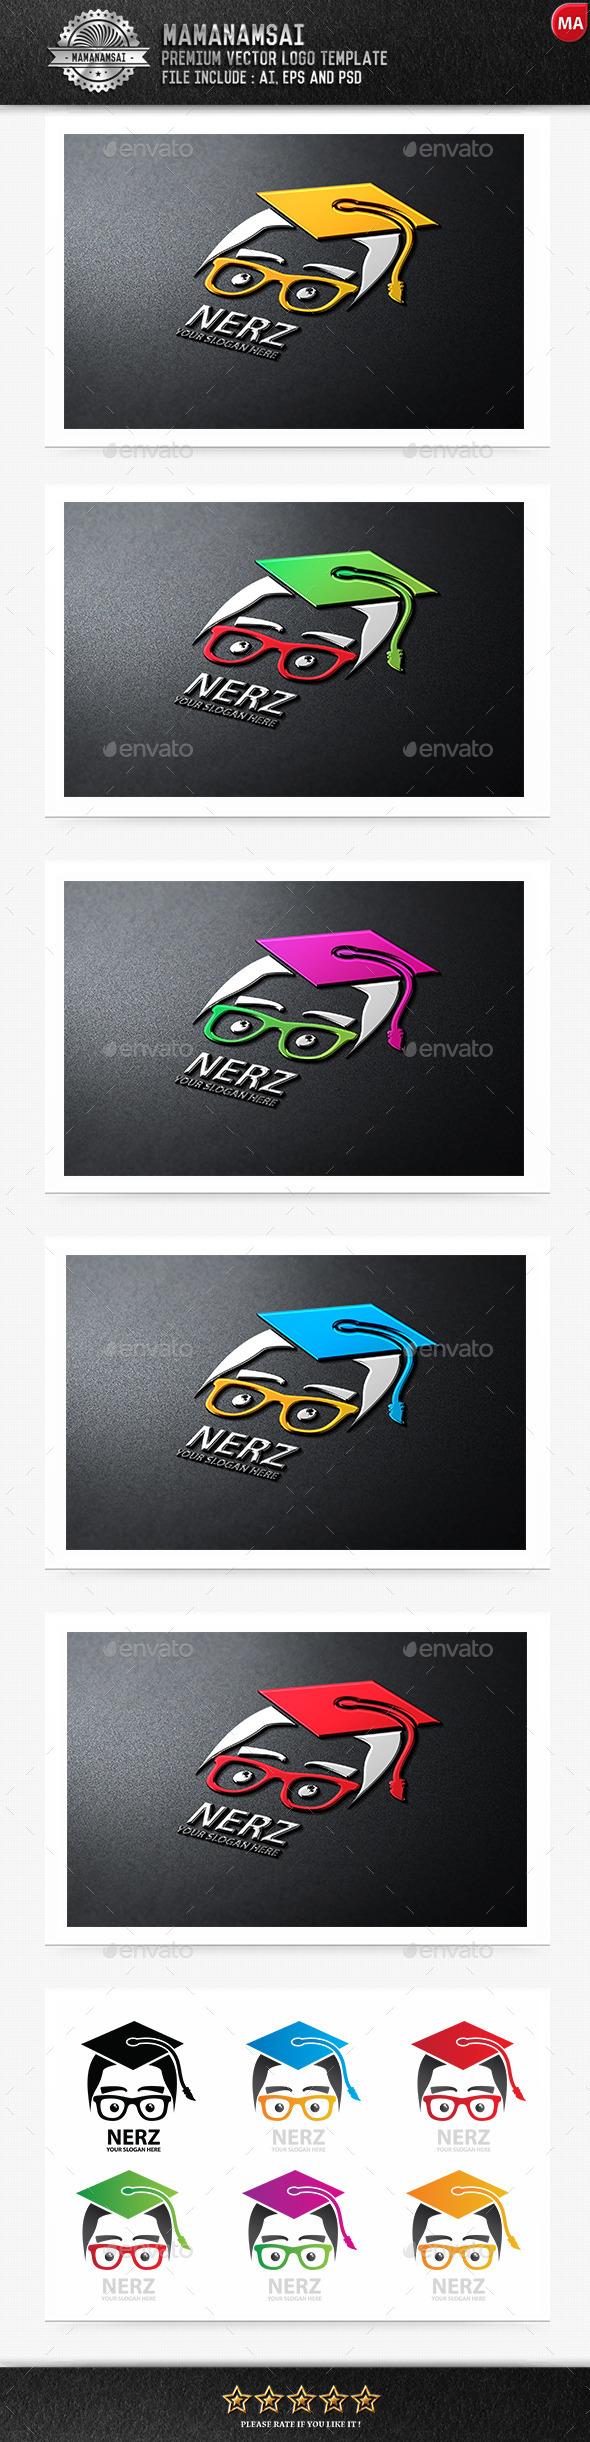 GraphicRiver Nerz Logo 9599082